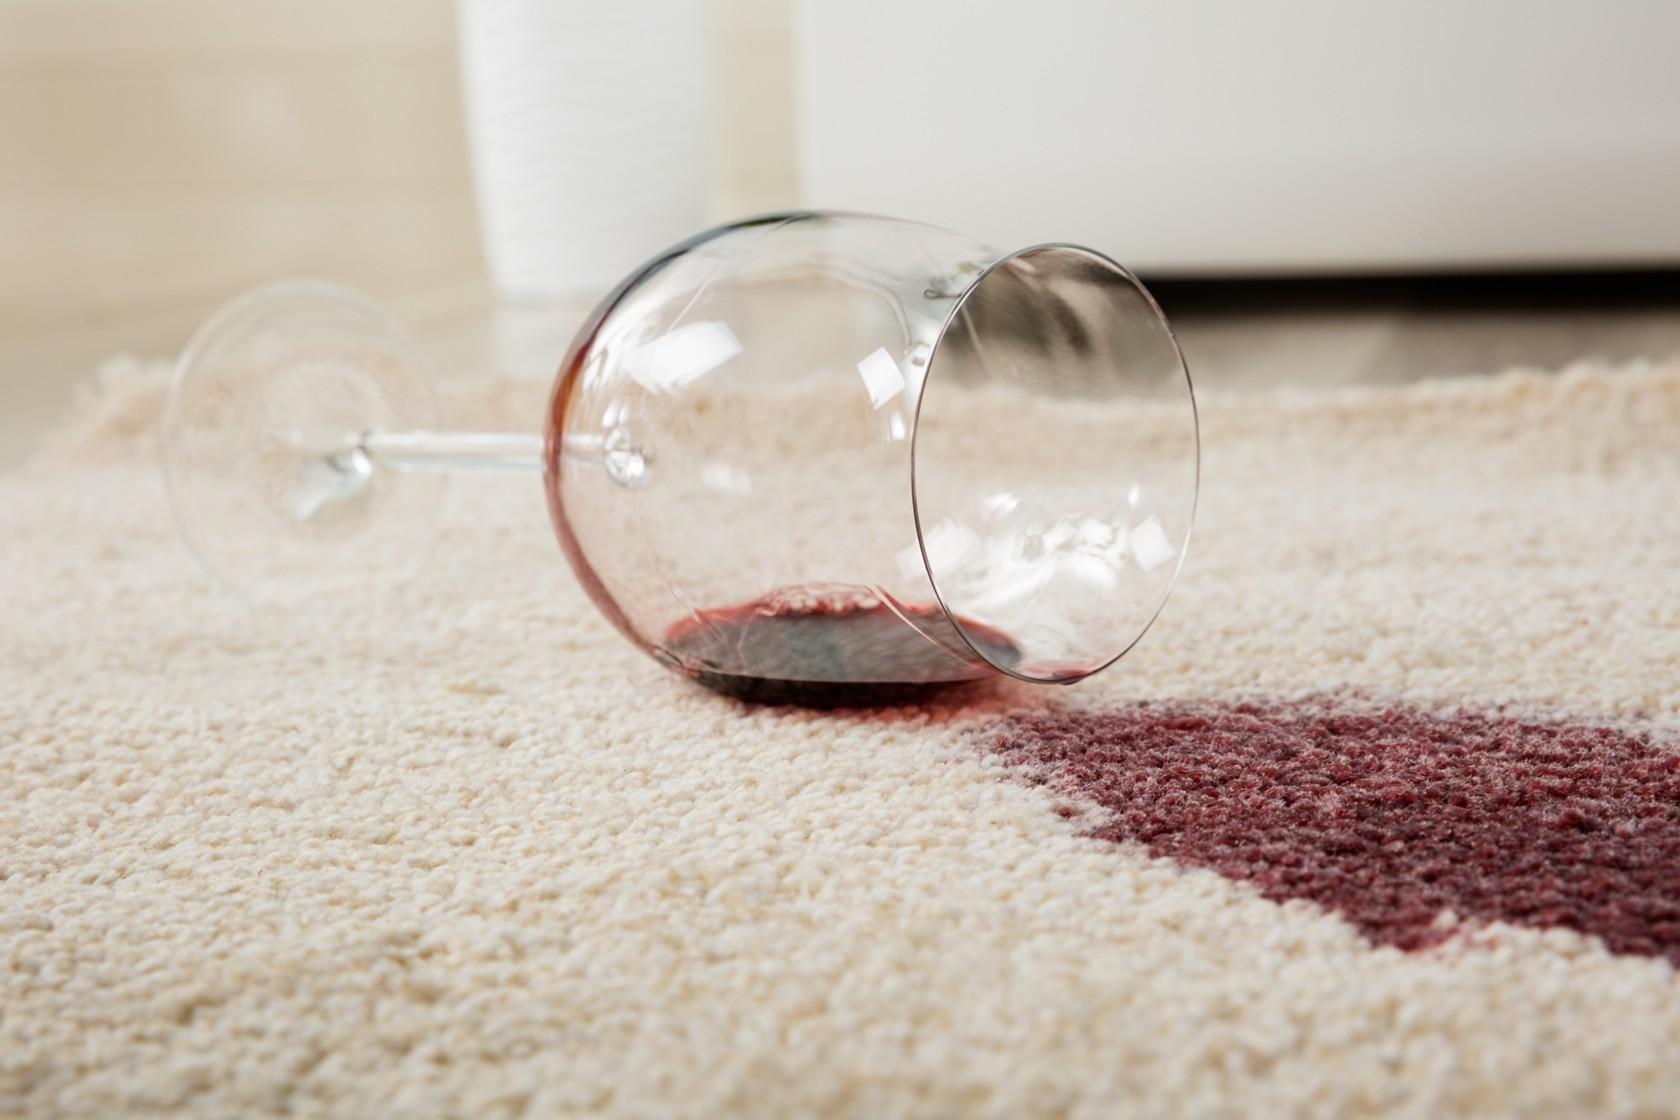 Teppichboden reinigen von einem Weinfleck, ein Glas Rotwein ist umgekippt